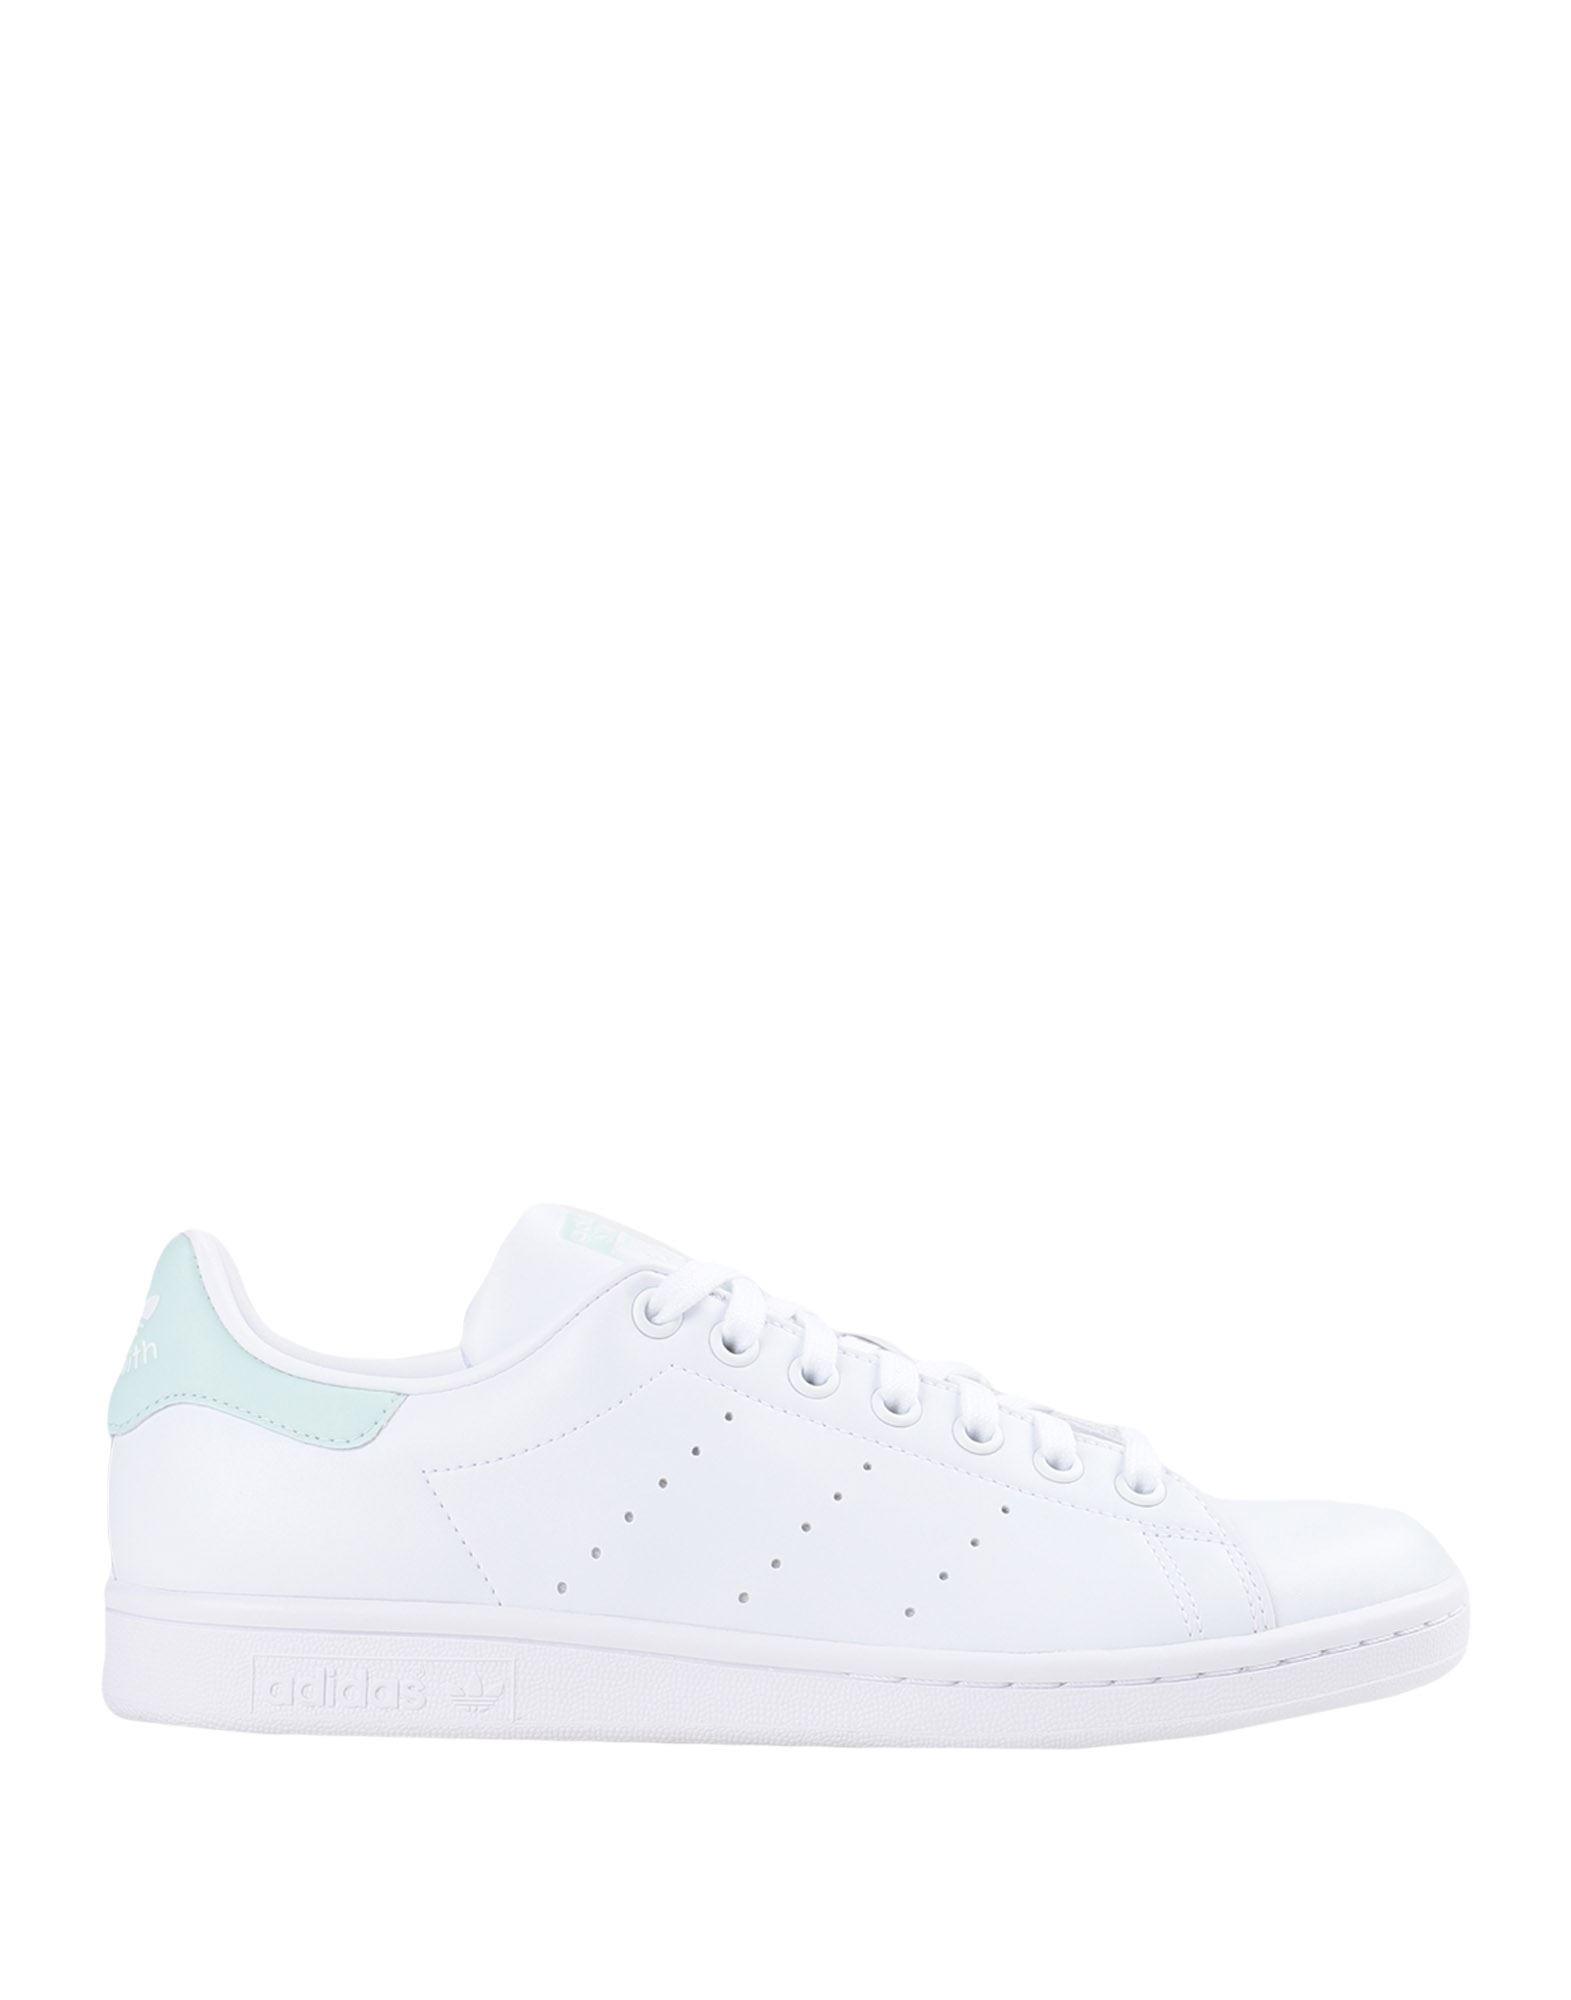 ADIDAS ORIGINALS Sneakers - Item 17096725